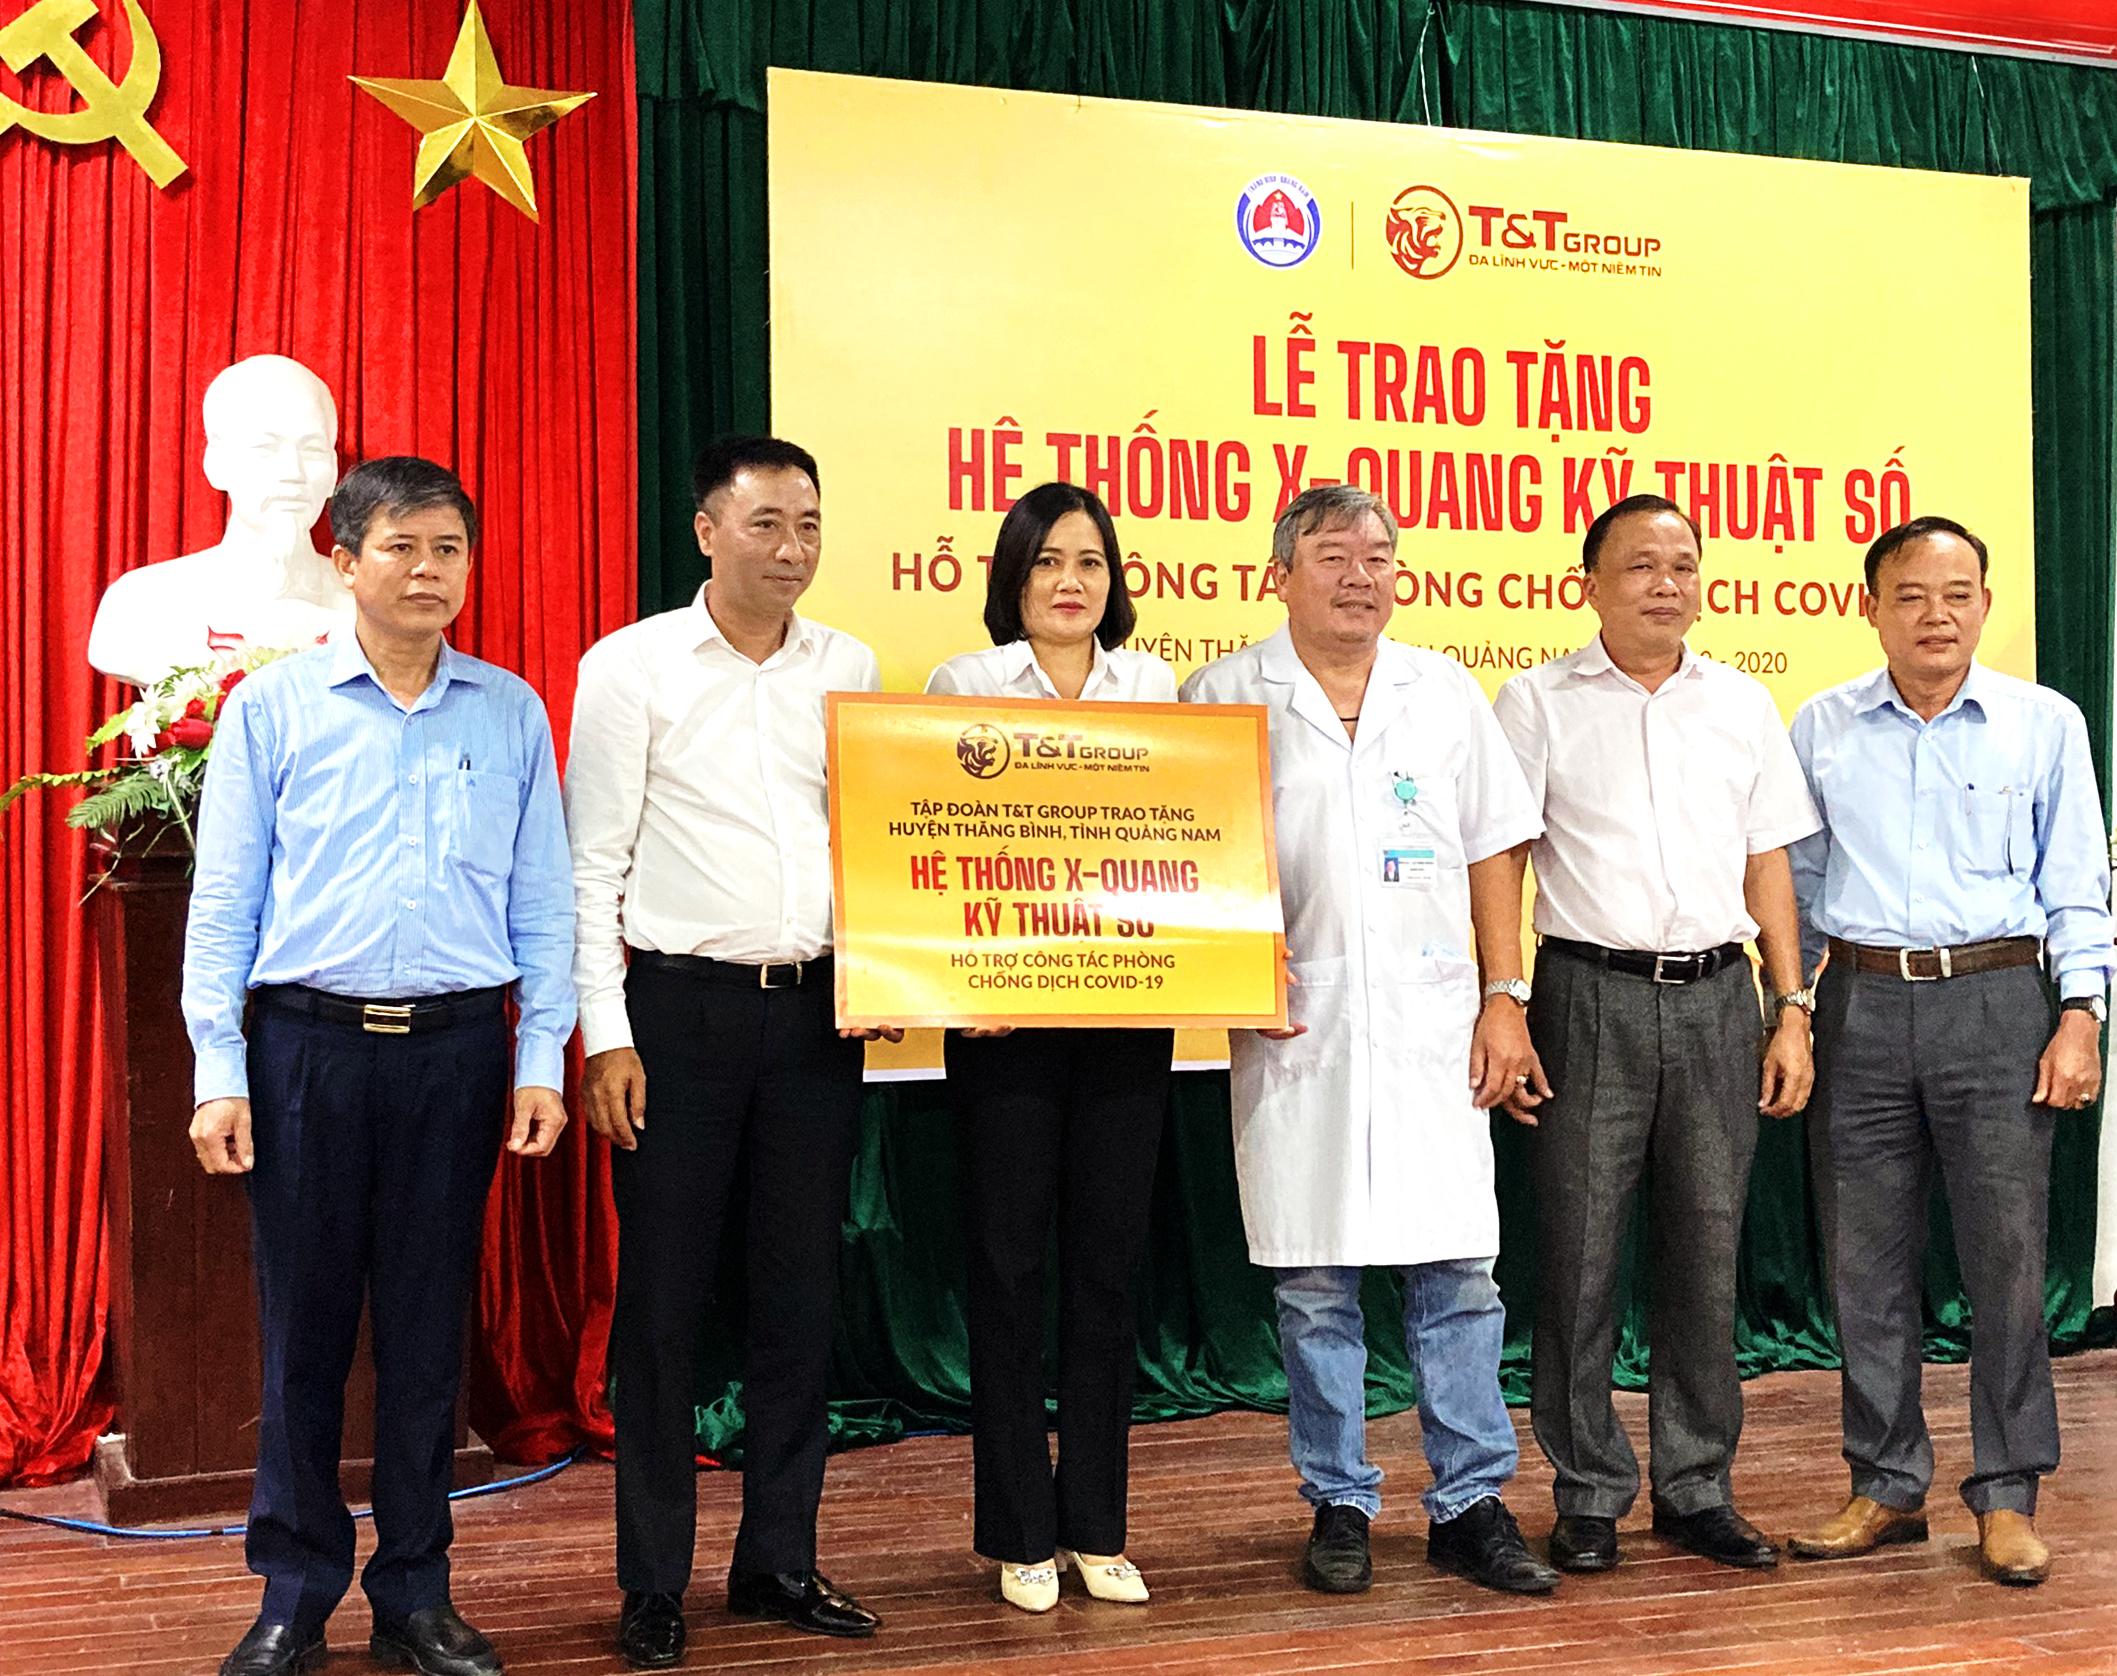 Tập đoàn T T Group trao tặng hệ thống X-Quang kỹ thuật số  hỗ trợ cho huyện Thăng Bình tỉnh Quảng Nam phòng chống dịch COVID-19  